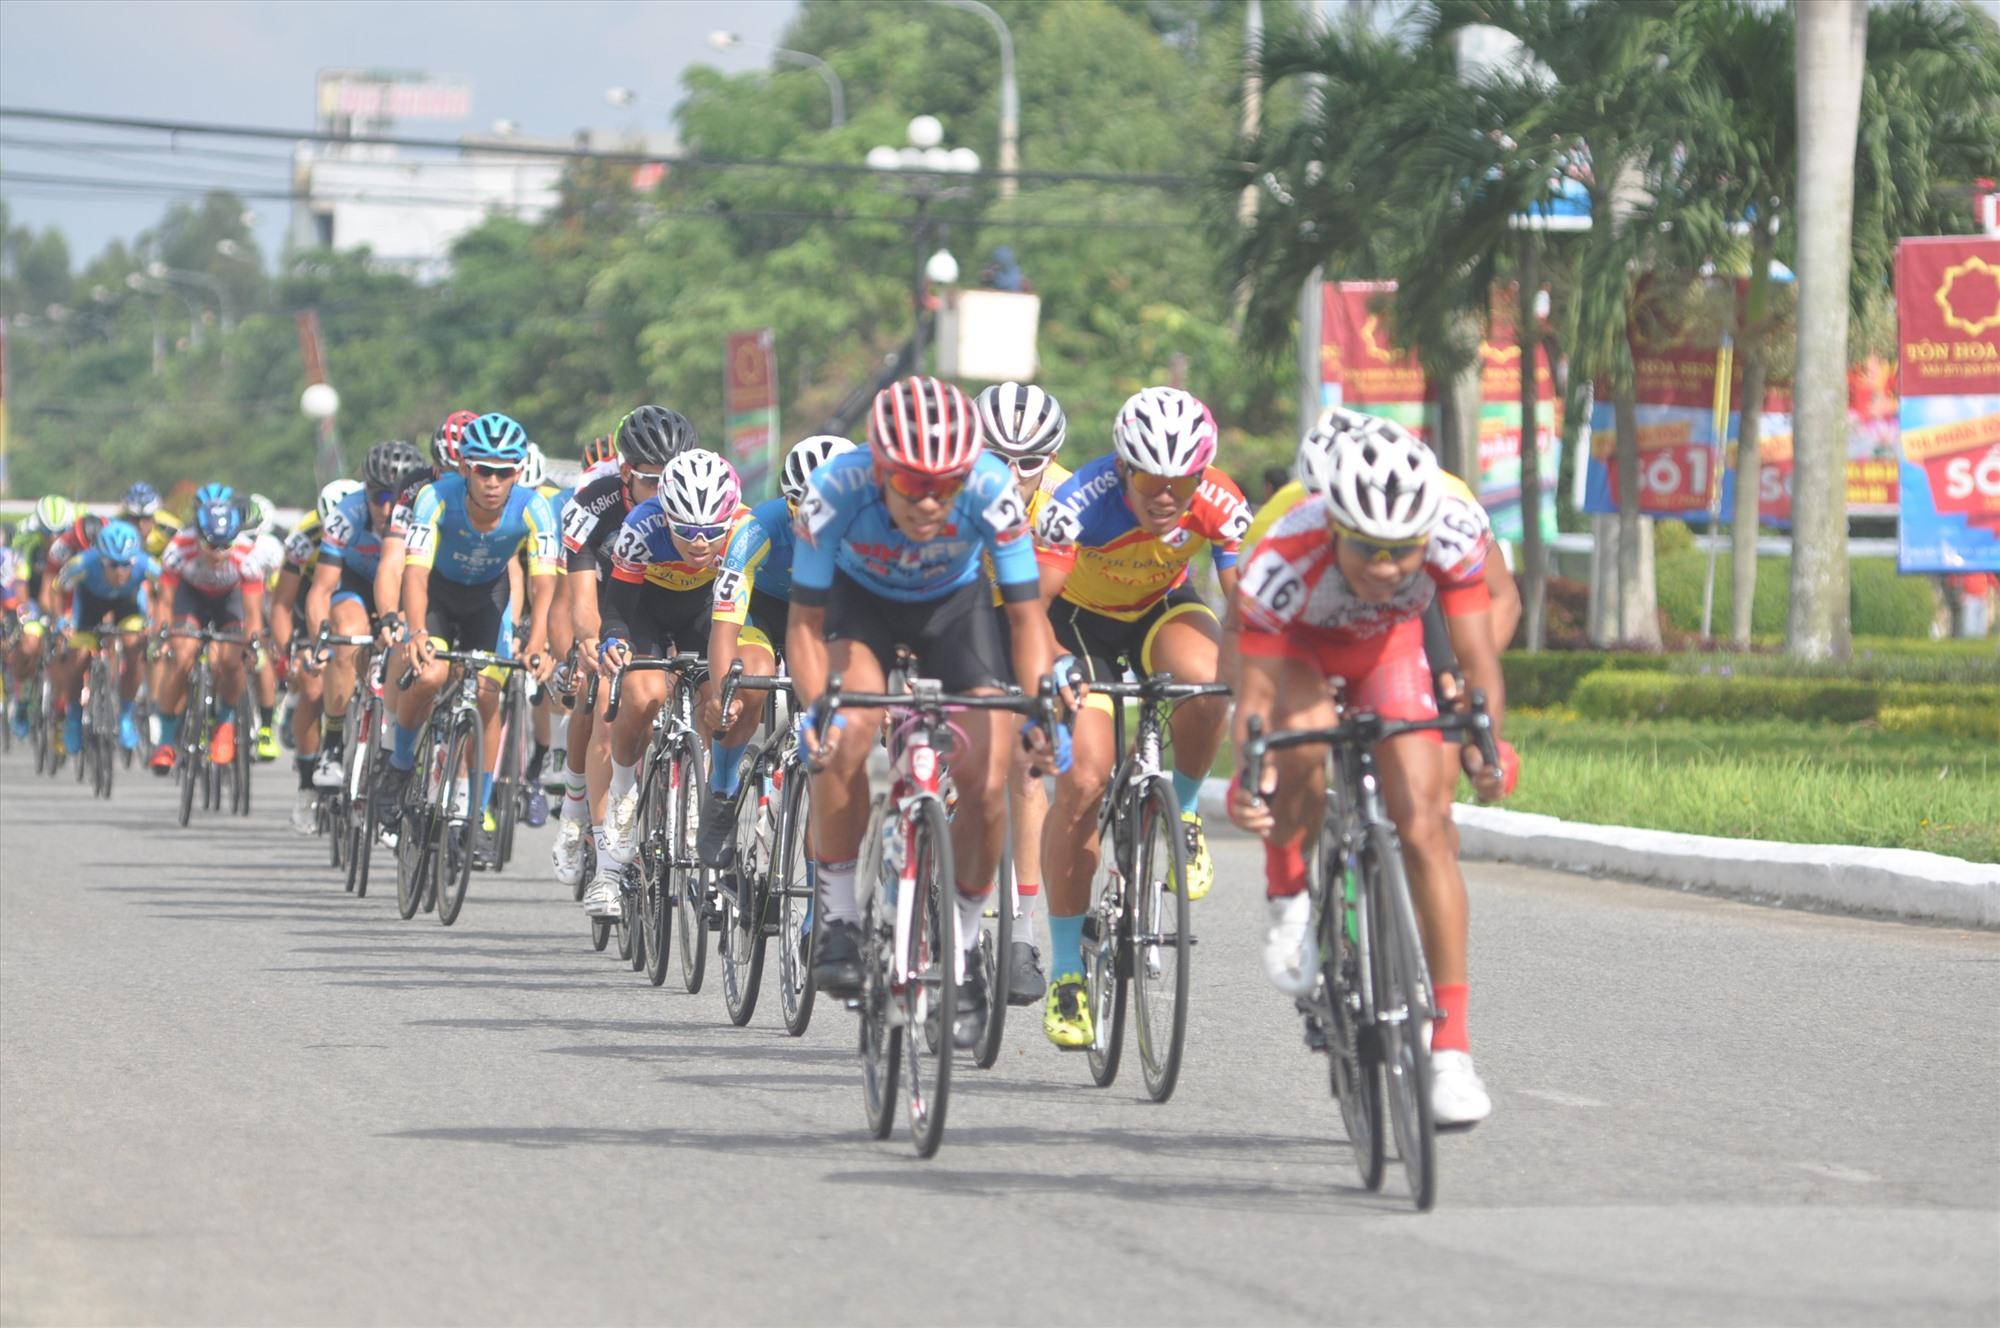 Người hâm mộ sẽ có dịp chứng kiến cuộc đua xe đạp quy mô toàn quốc diễn ra trên địa bàn tỉnh. Ảnh: A.S